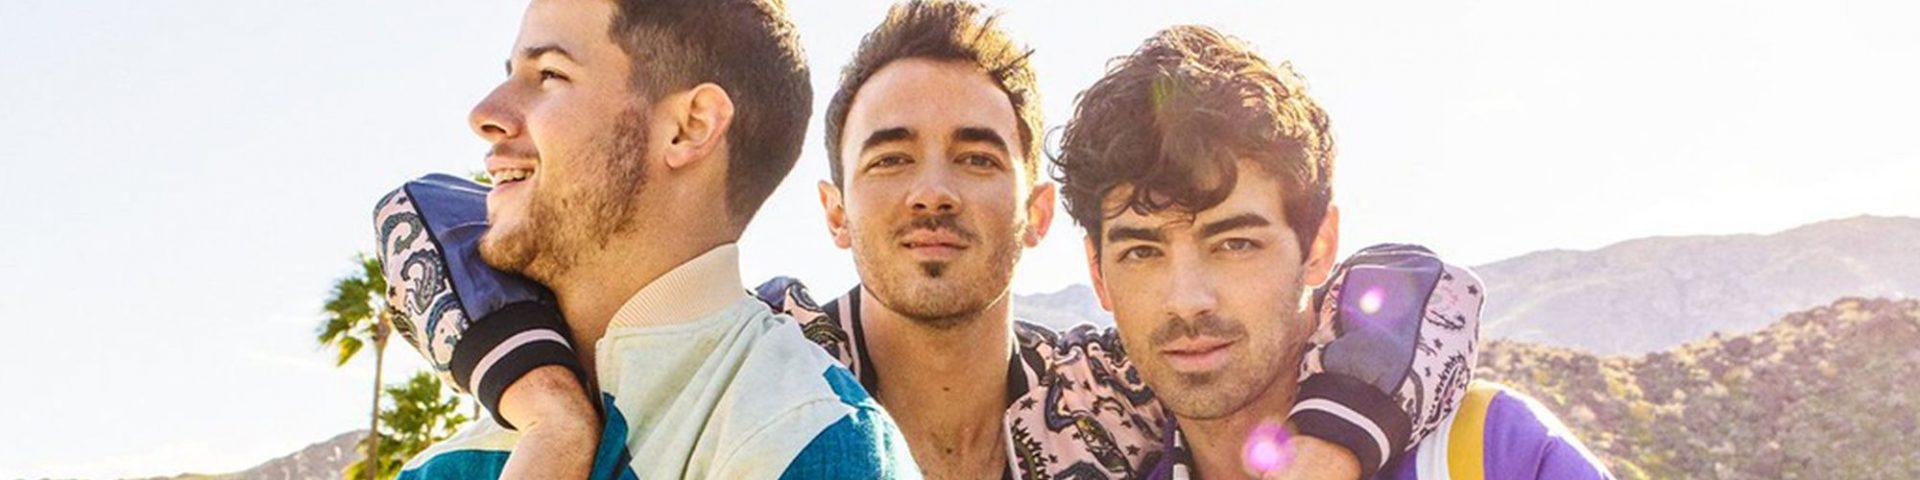 Coronavirus: contagiati al concerto dei Jonas Brothers di Milano?